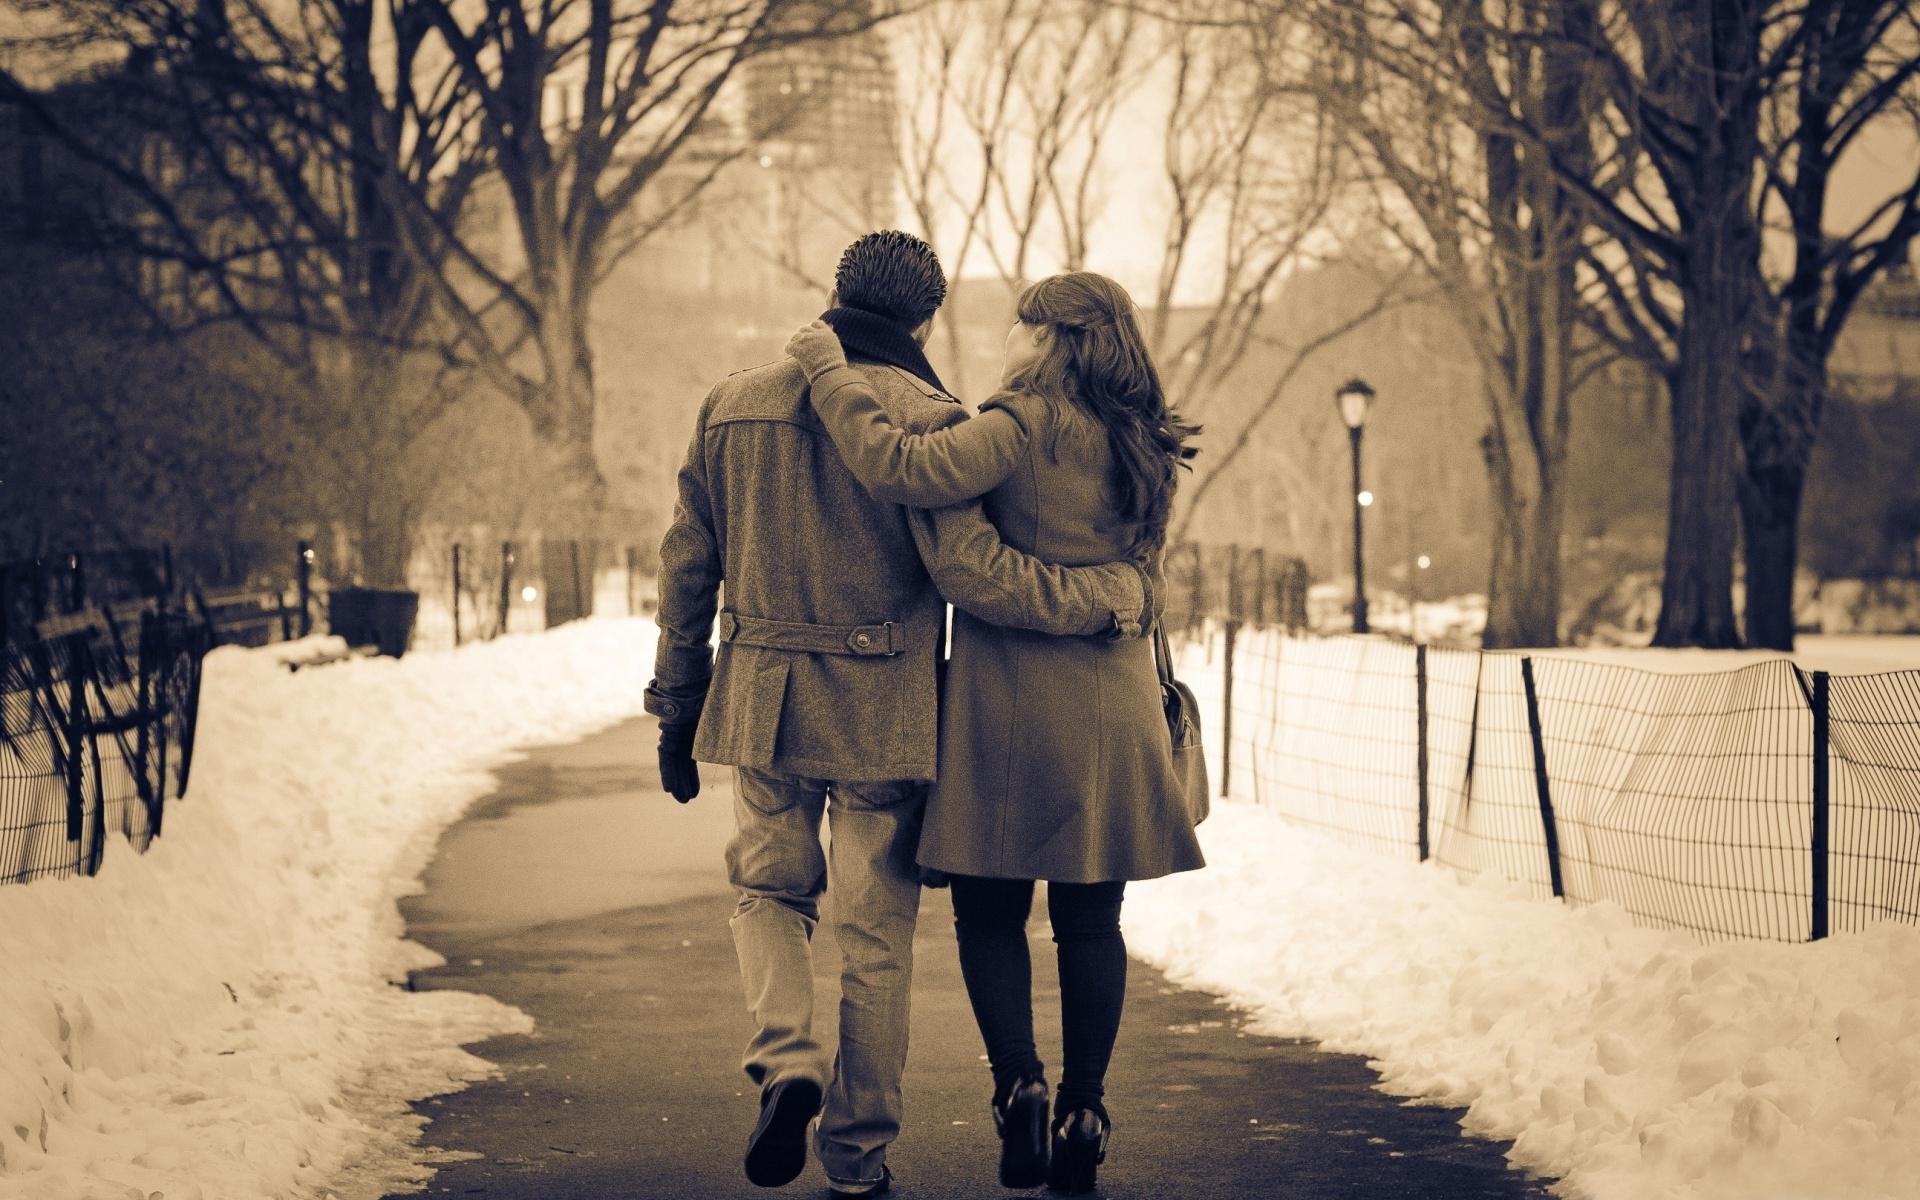 خلفيات ايفون رومانسية – اروش خلفيات ايفون روشه 2015